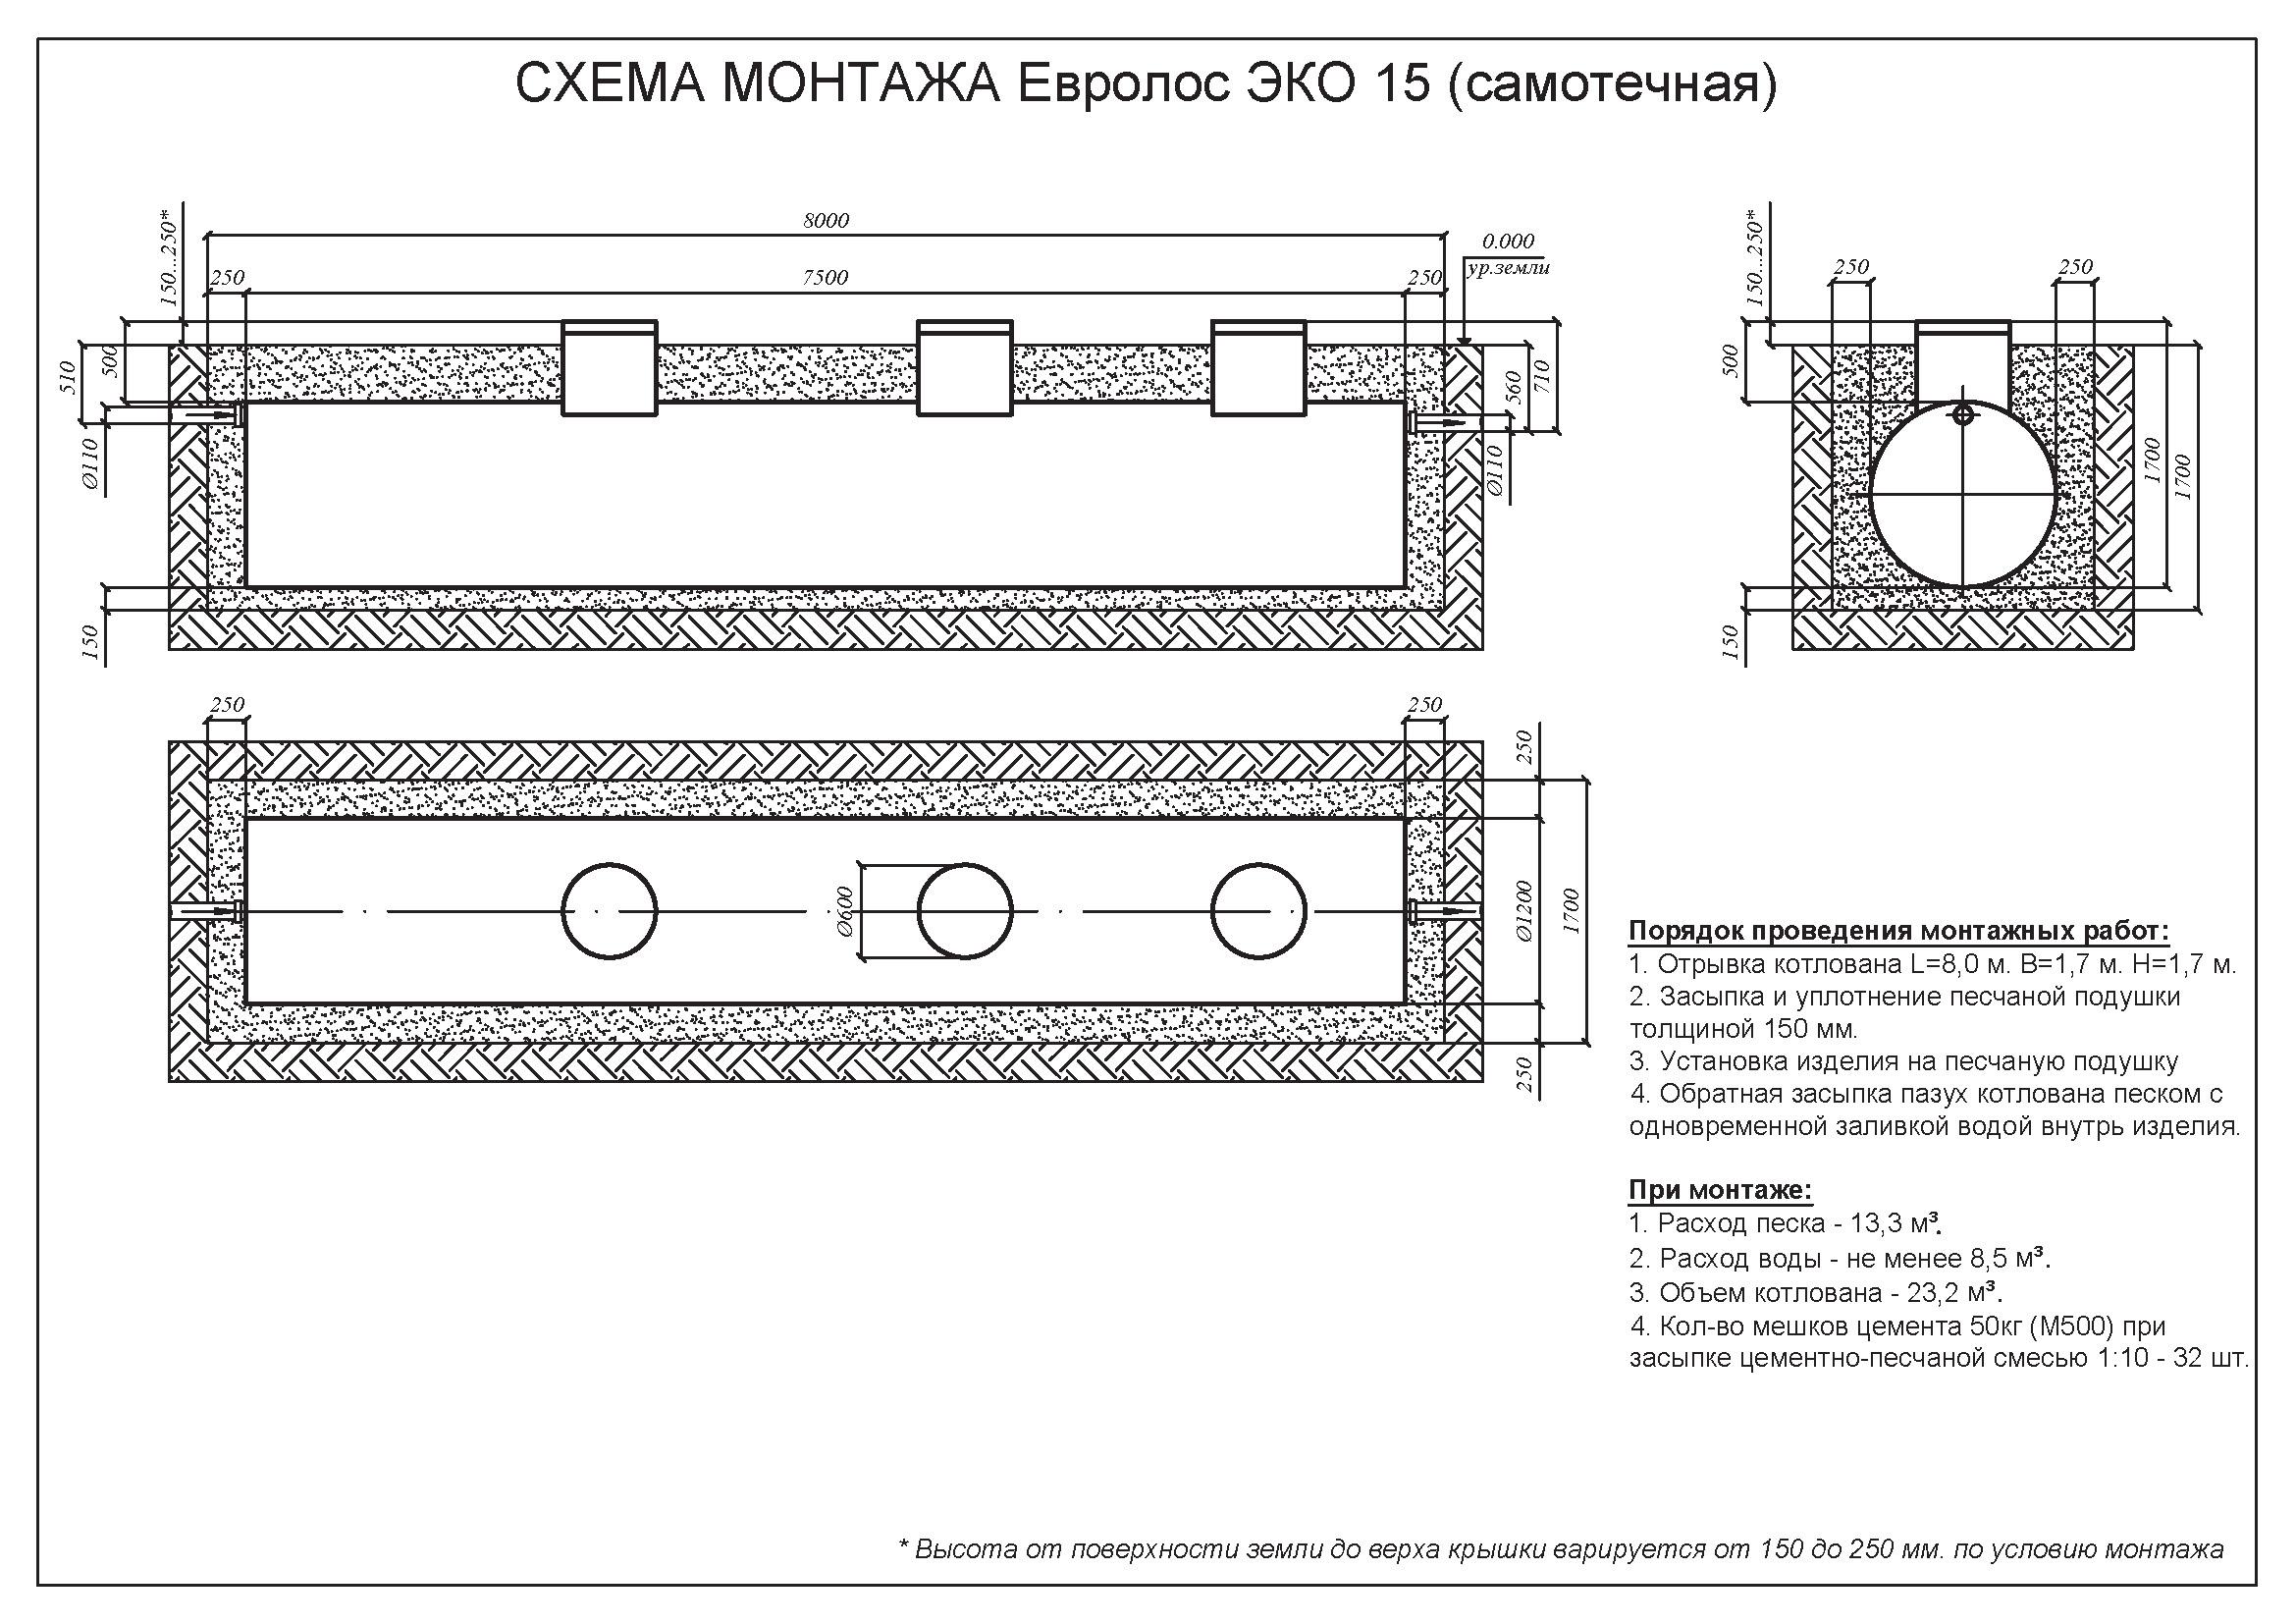 Монтажные схемы Евролос Эко_Страница_8